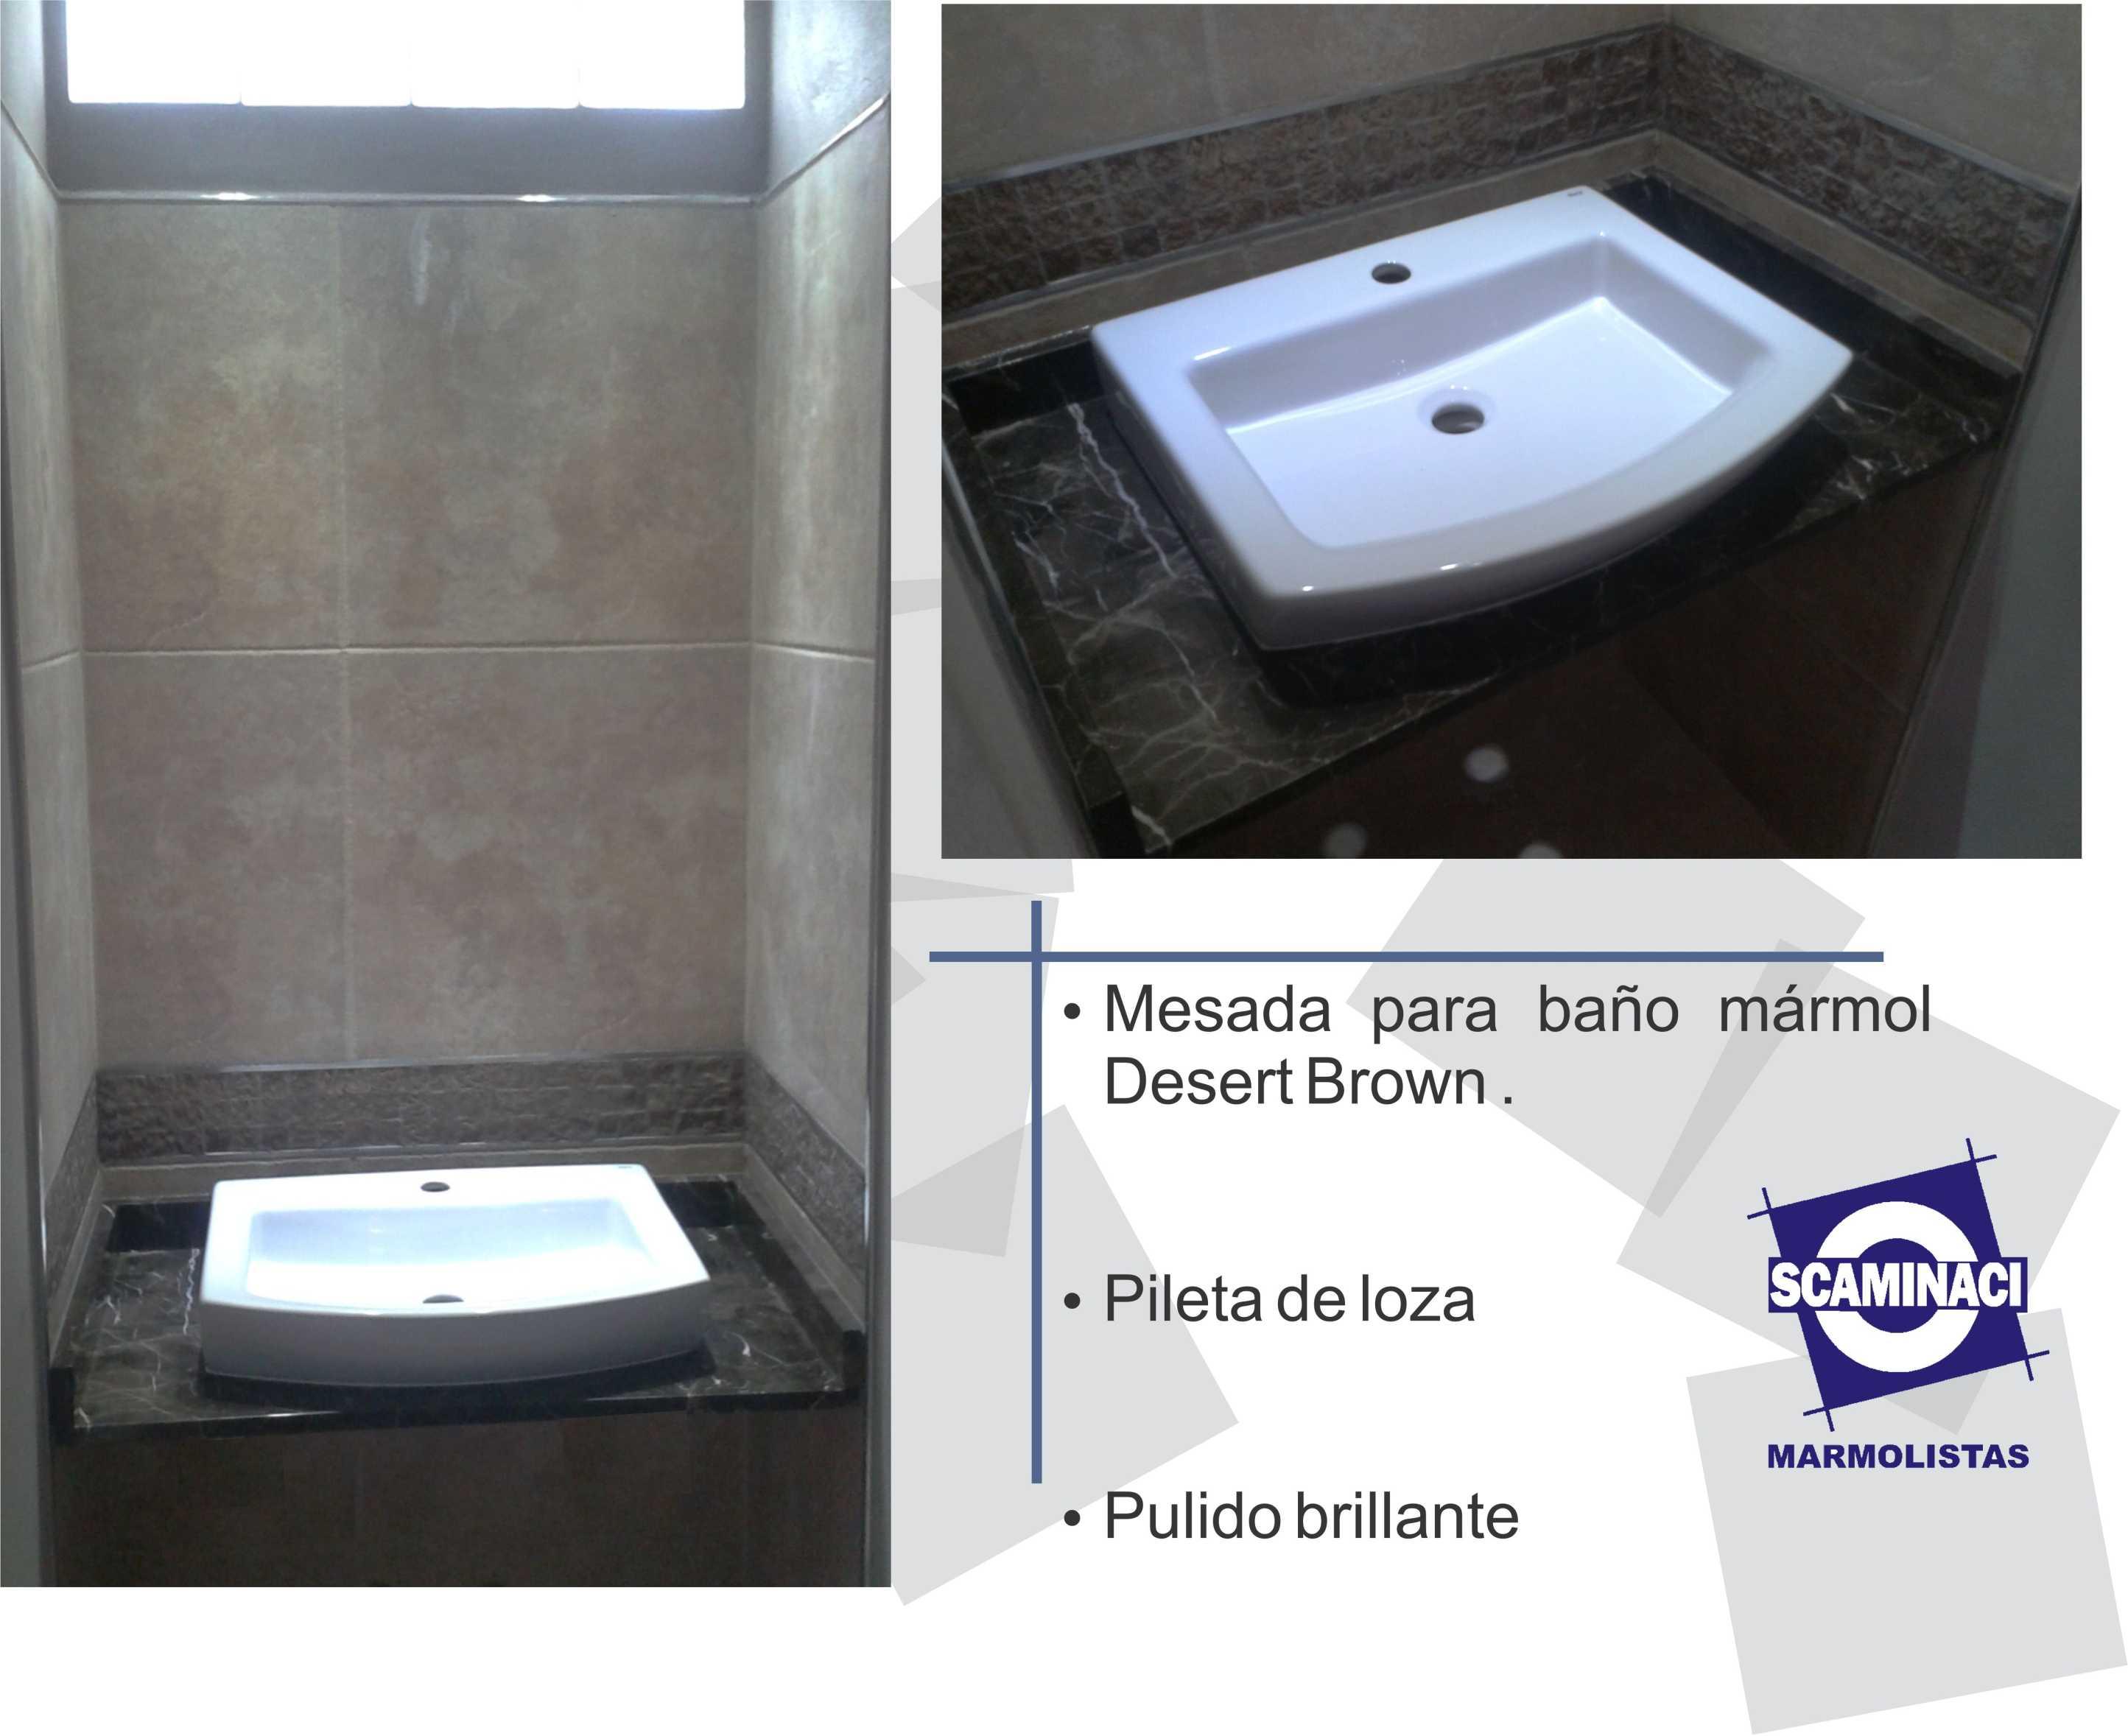 Bachas Para Baño Santa Fe:Publicado el 31 de octubre de 2013 Mesada para baño con bacha